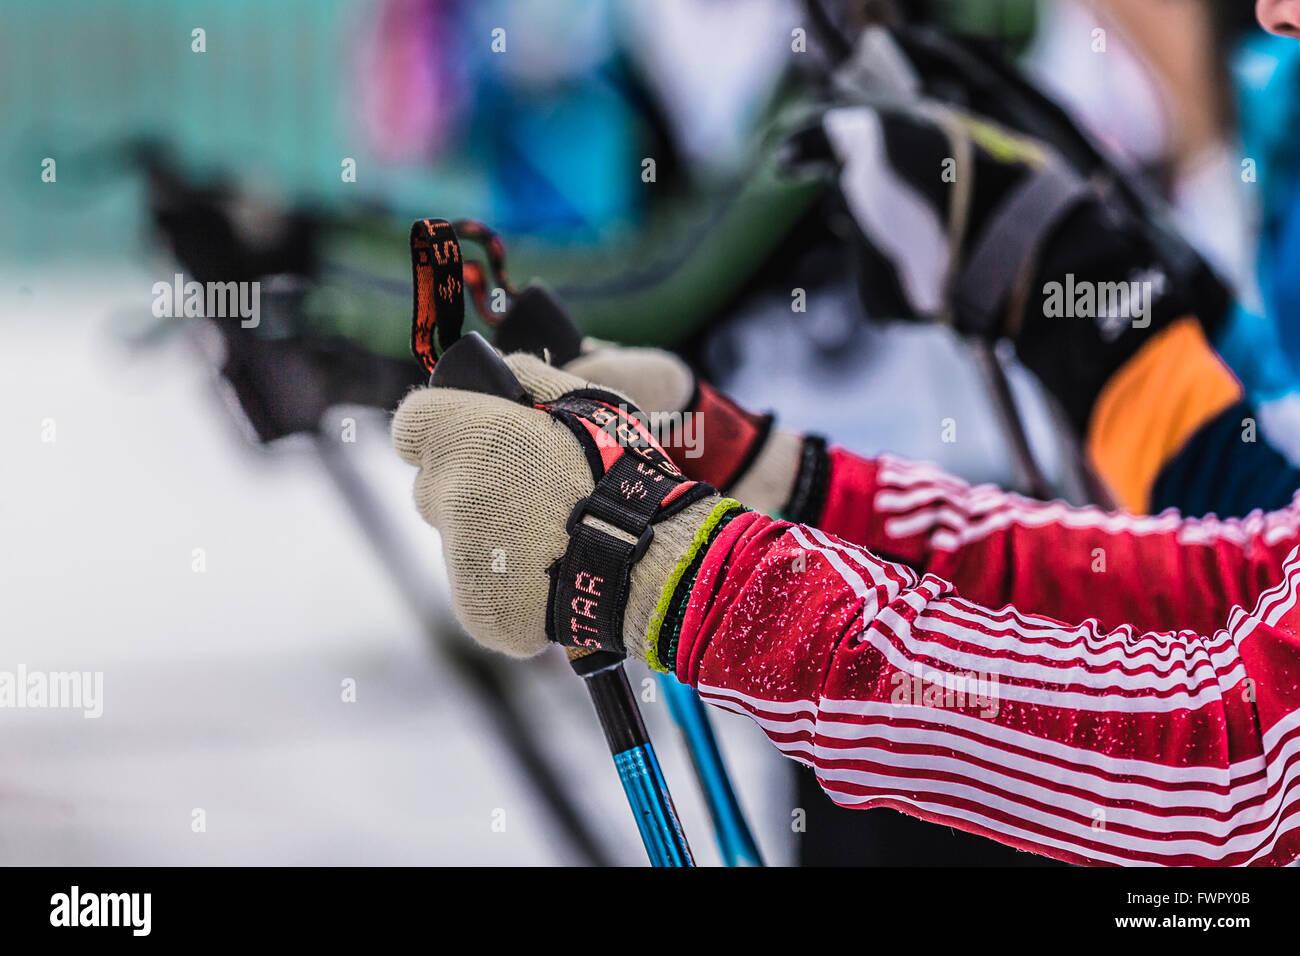 Kyshtym, Rusia - 26 de marzo de 2016: Misa de comienzo de los esquiadores atletas, acercamiento de manos y bastones Imagen De Stock